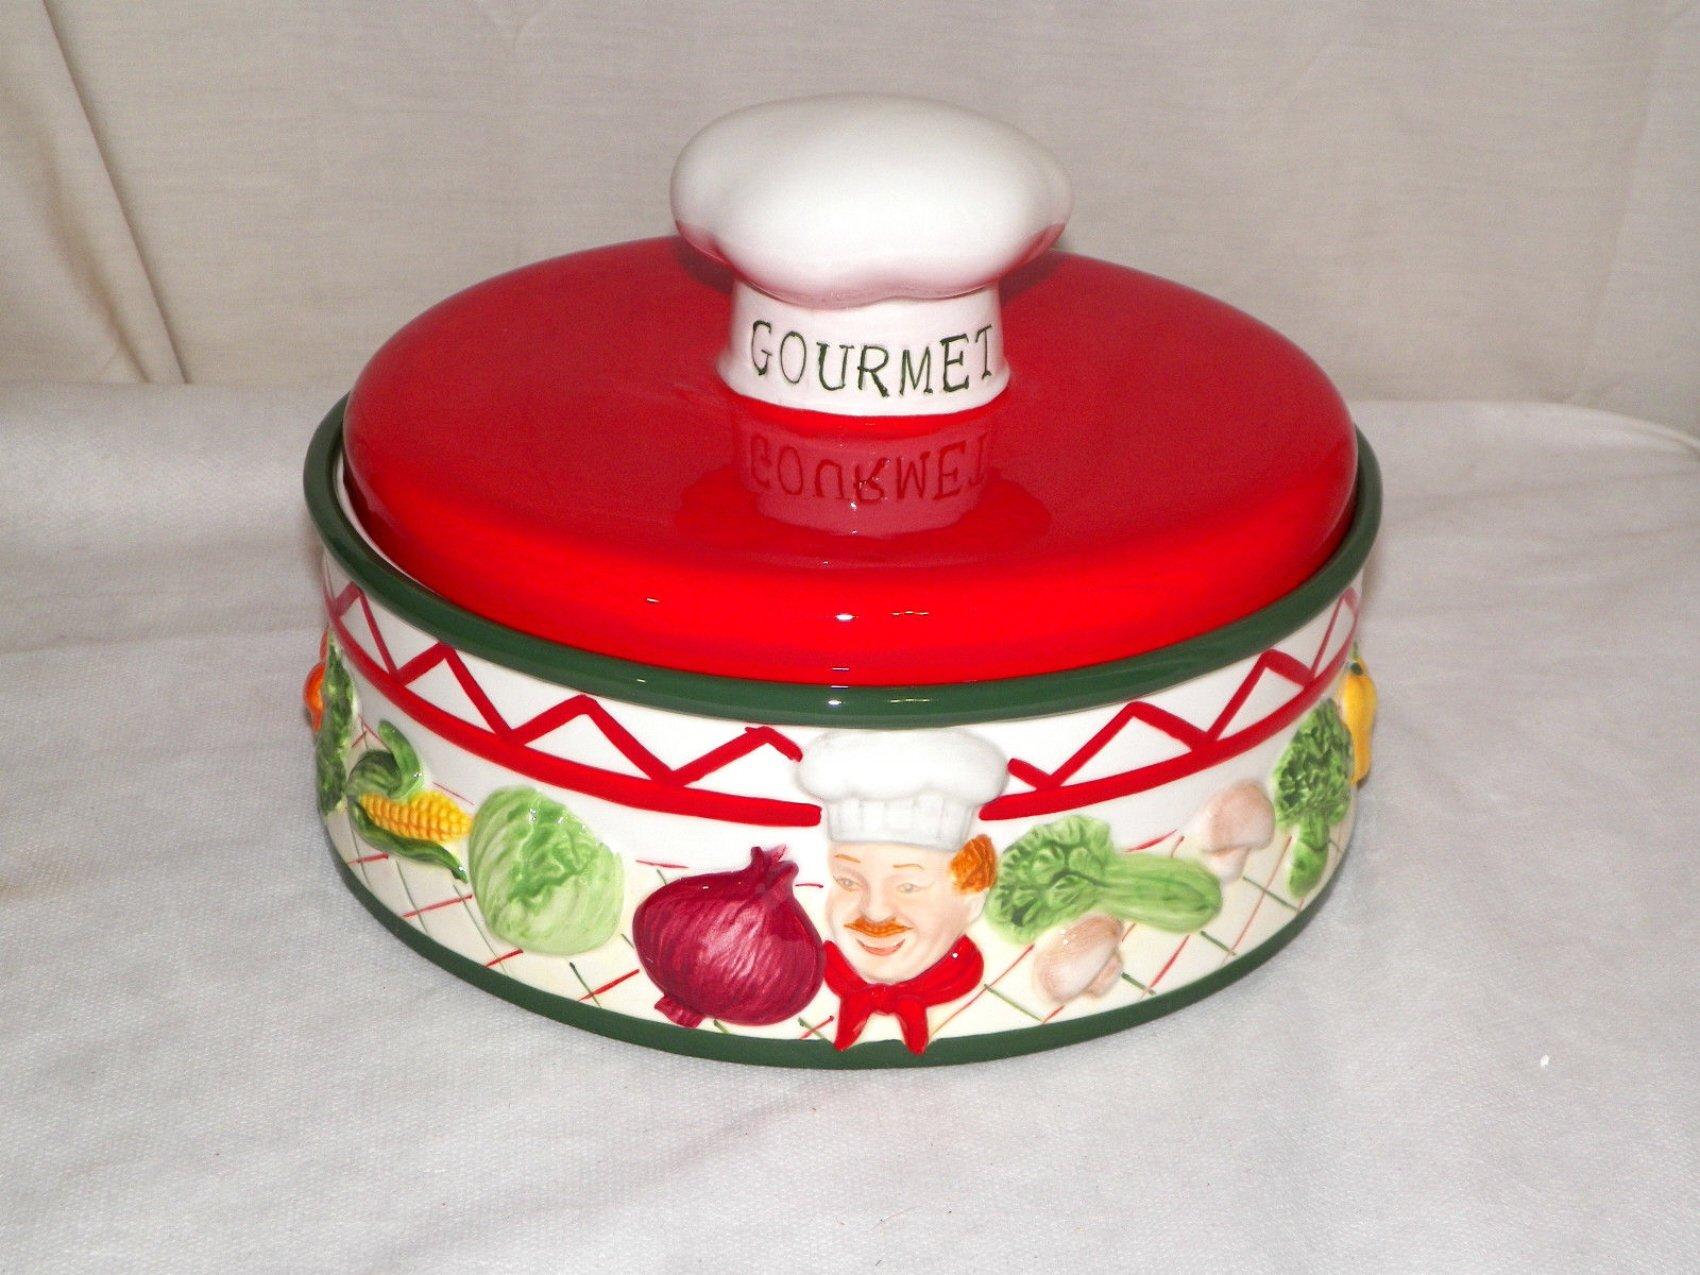 Gourmet Chef Tortilla Warmer